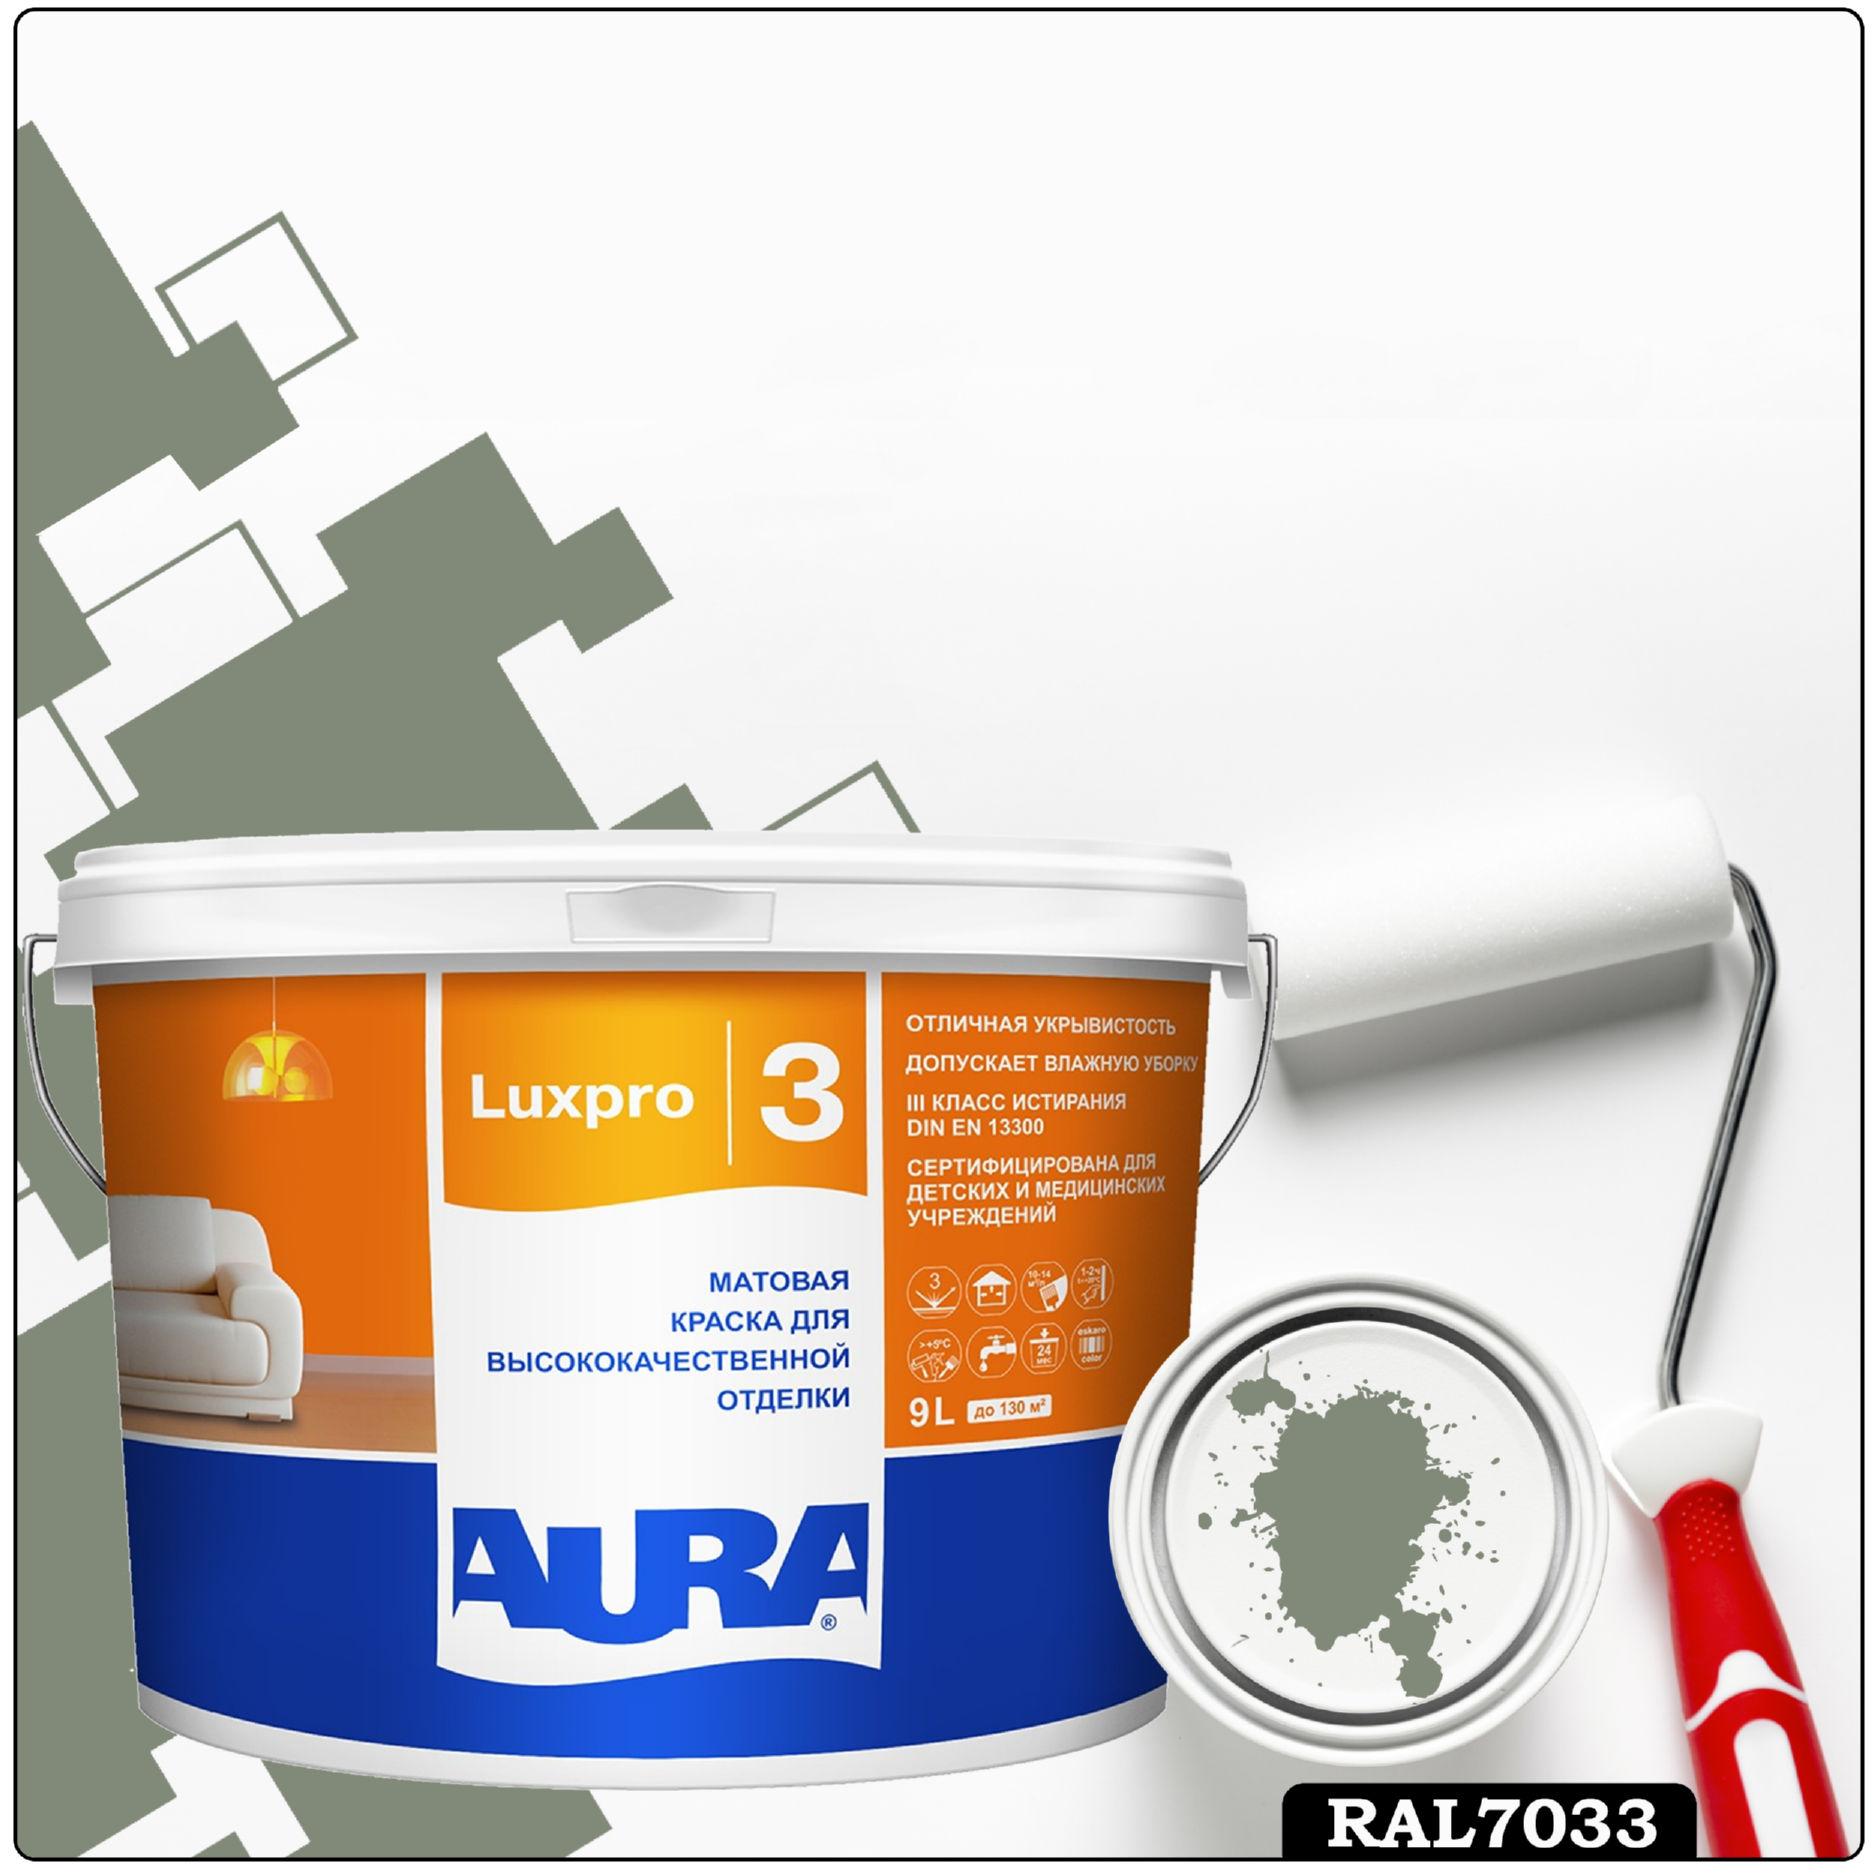 Фото 24 - Краска Aura LuxPRO 3, RAL 7033 Серый цемент, латексная, шелково-матовая, интерьерная, 9л, Аура.